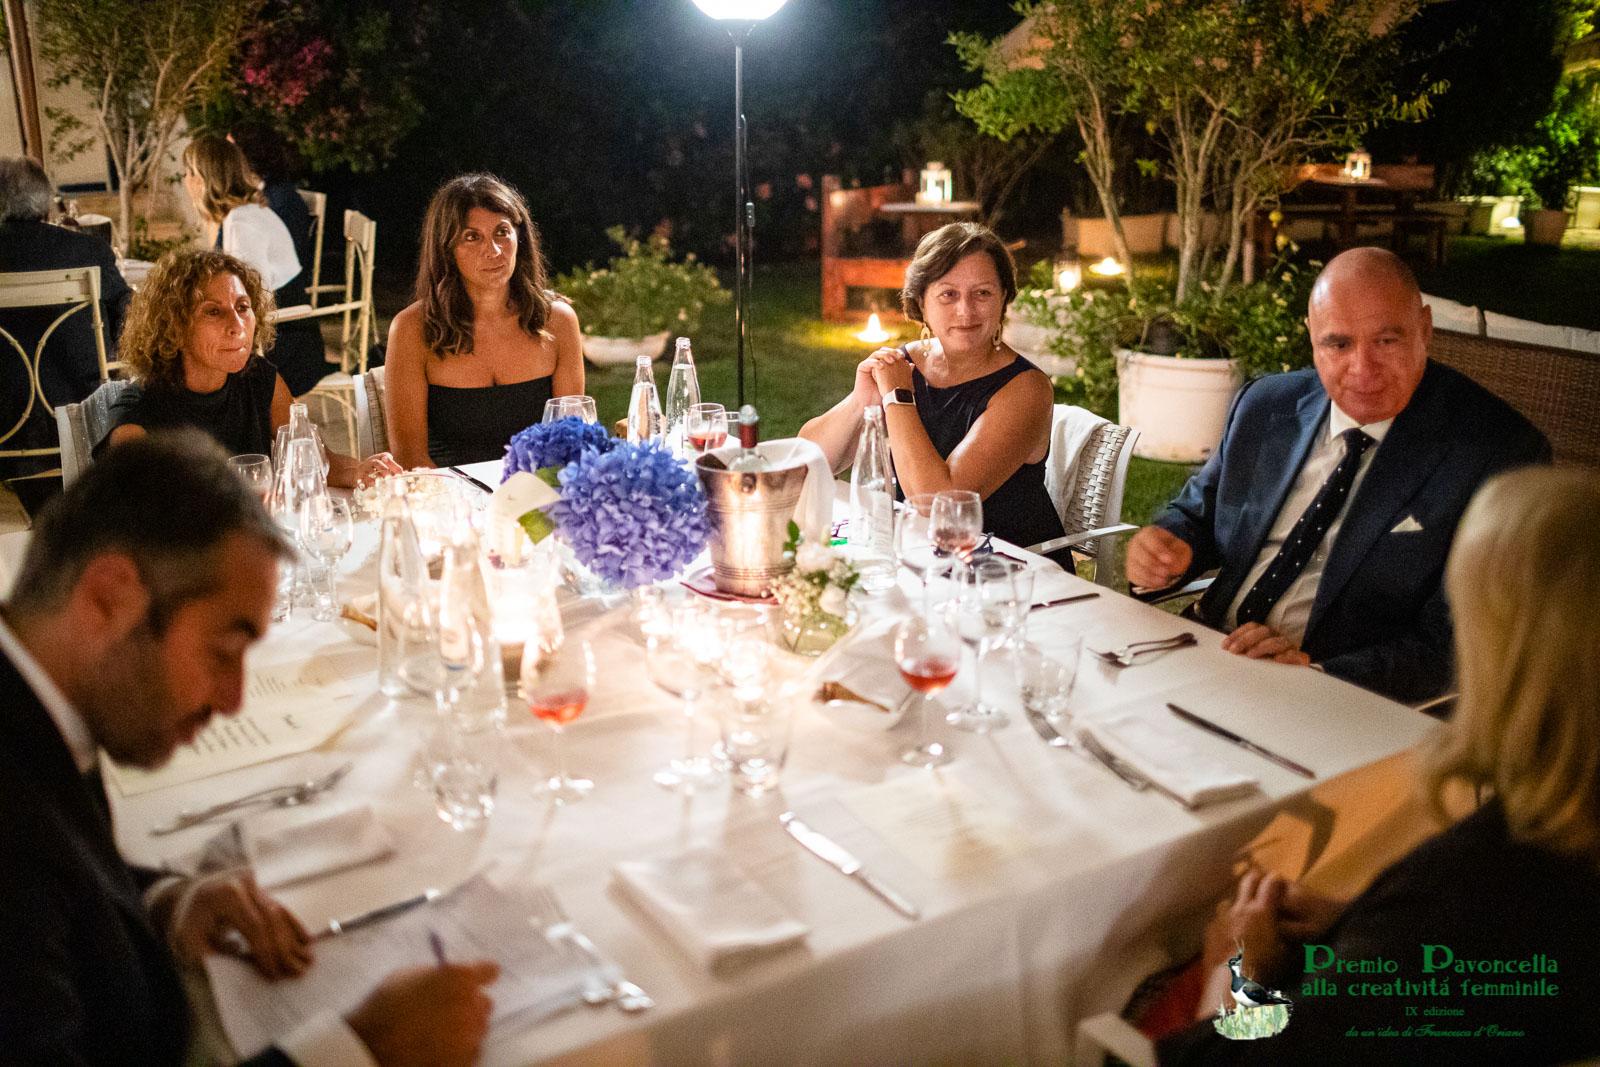 Chiara e Cristiana Marchini con il dottor Paolucci